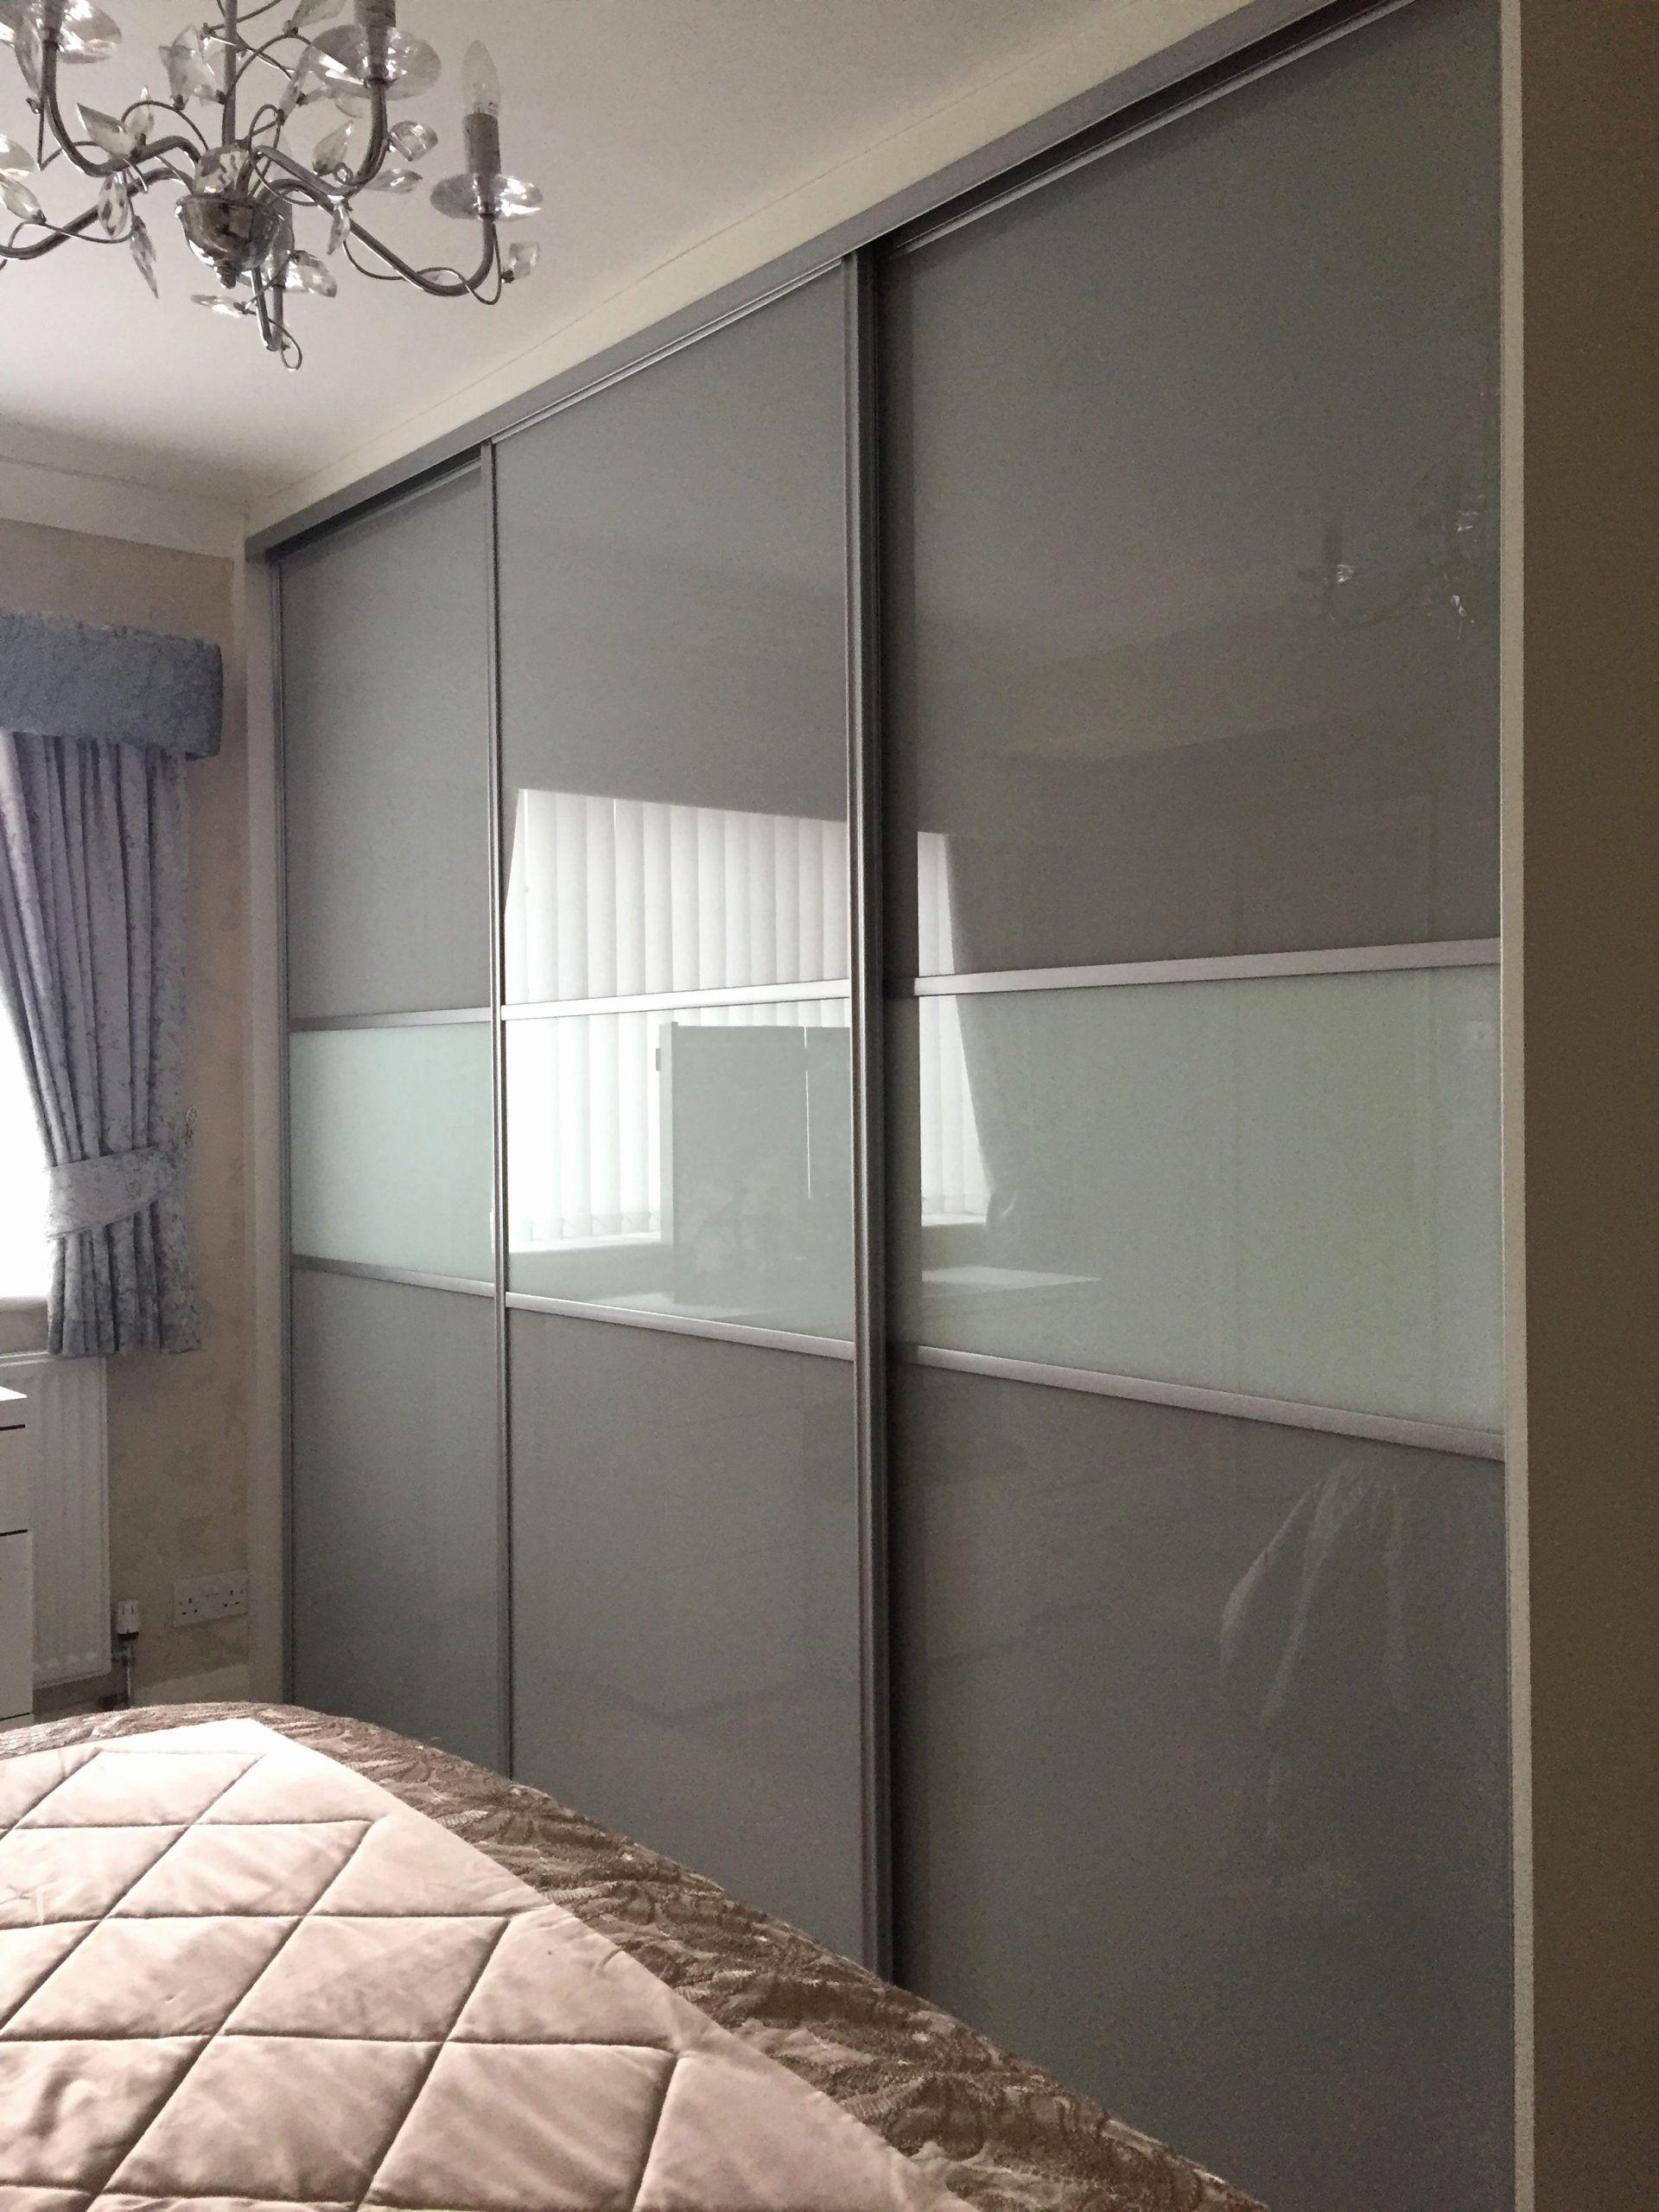 Bedroom Wardrobe Sliding Doors New E Of Our Multi Panel Grey Glass Sliding Door War In 2020 Wardrobe Door Designs Sliding Door Wardrobe Designs Wardrobe Design Bedroom